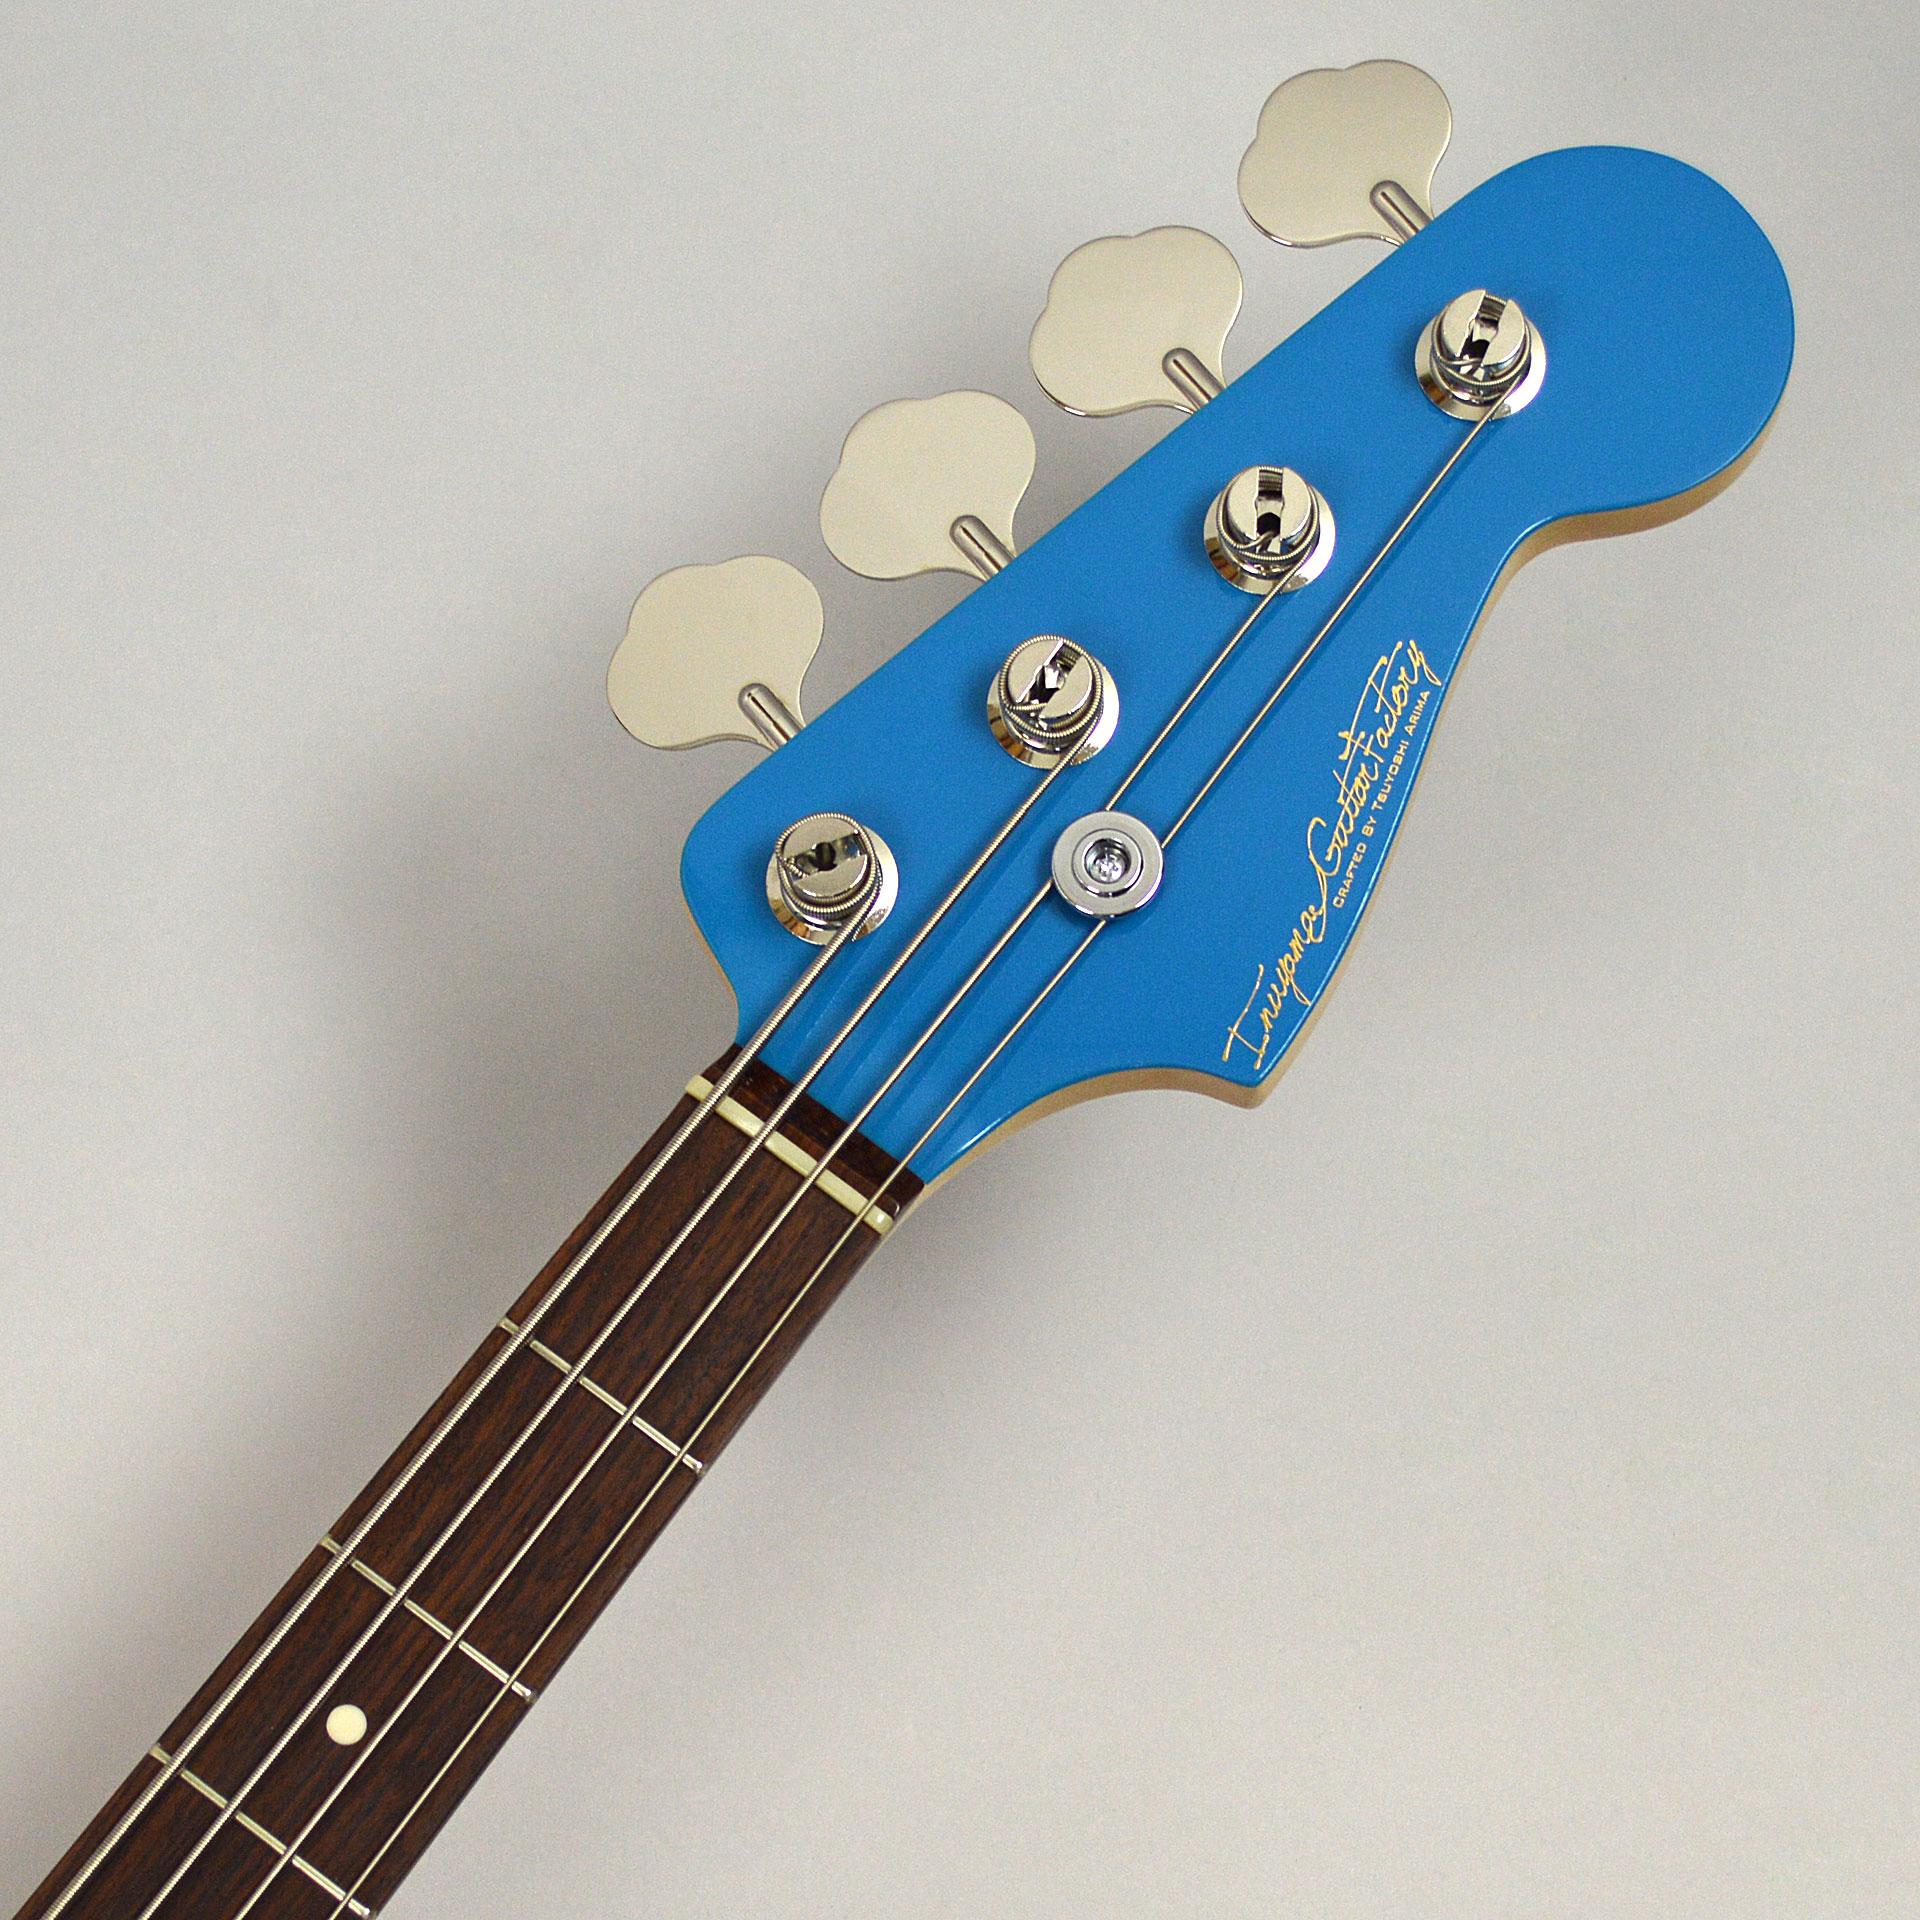 B21-J Al/L/Ash/Cobalt Blueのヘッド画像